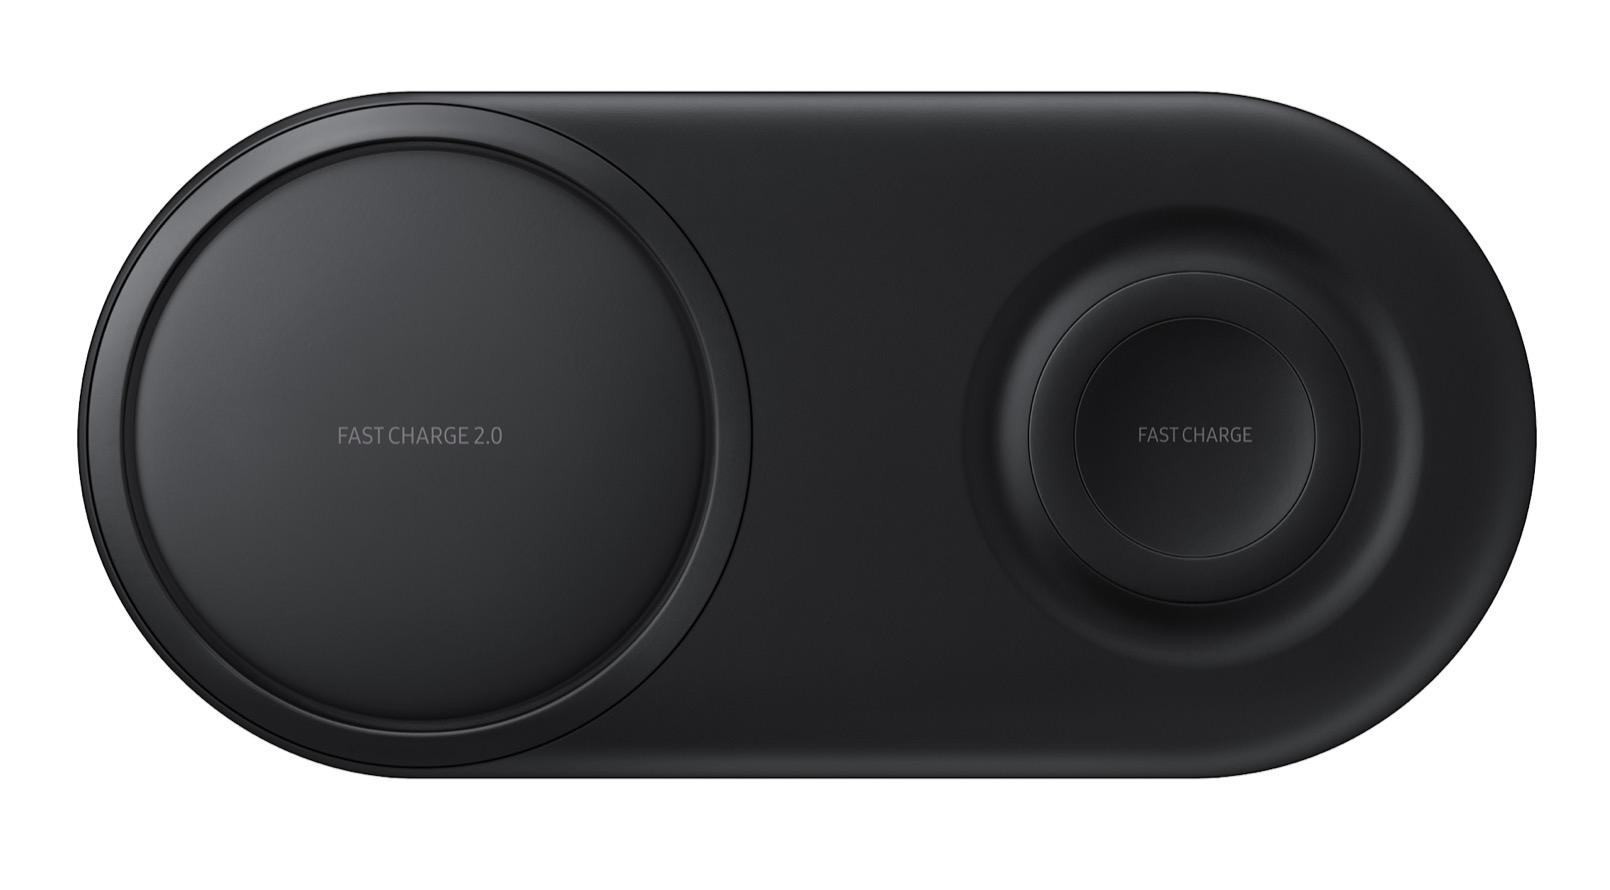 Samsung Galaxy Note 10 bezdrôtová nabíjacia podložka